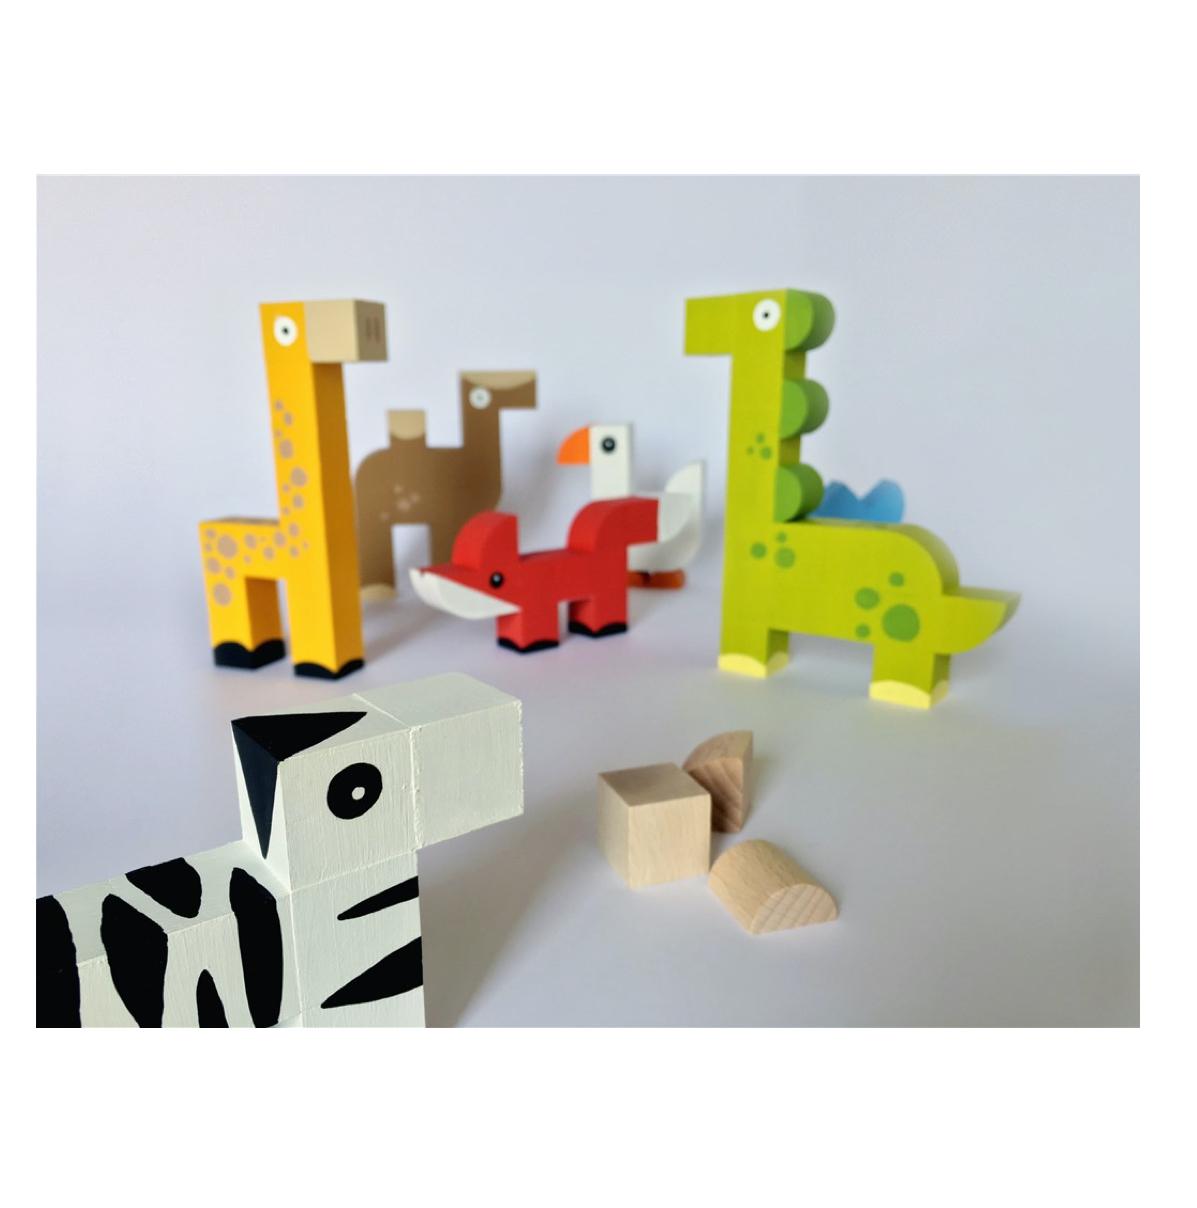 fabrica-de-animales-milaniwood-el-mundo-de-mico2